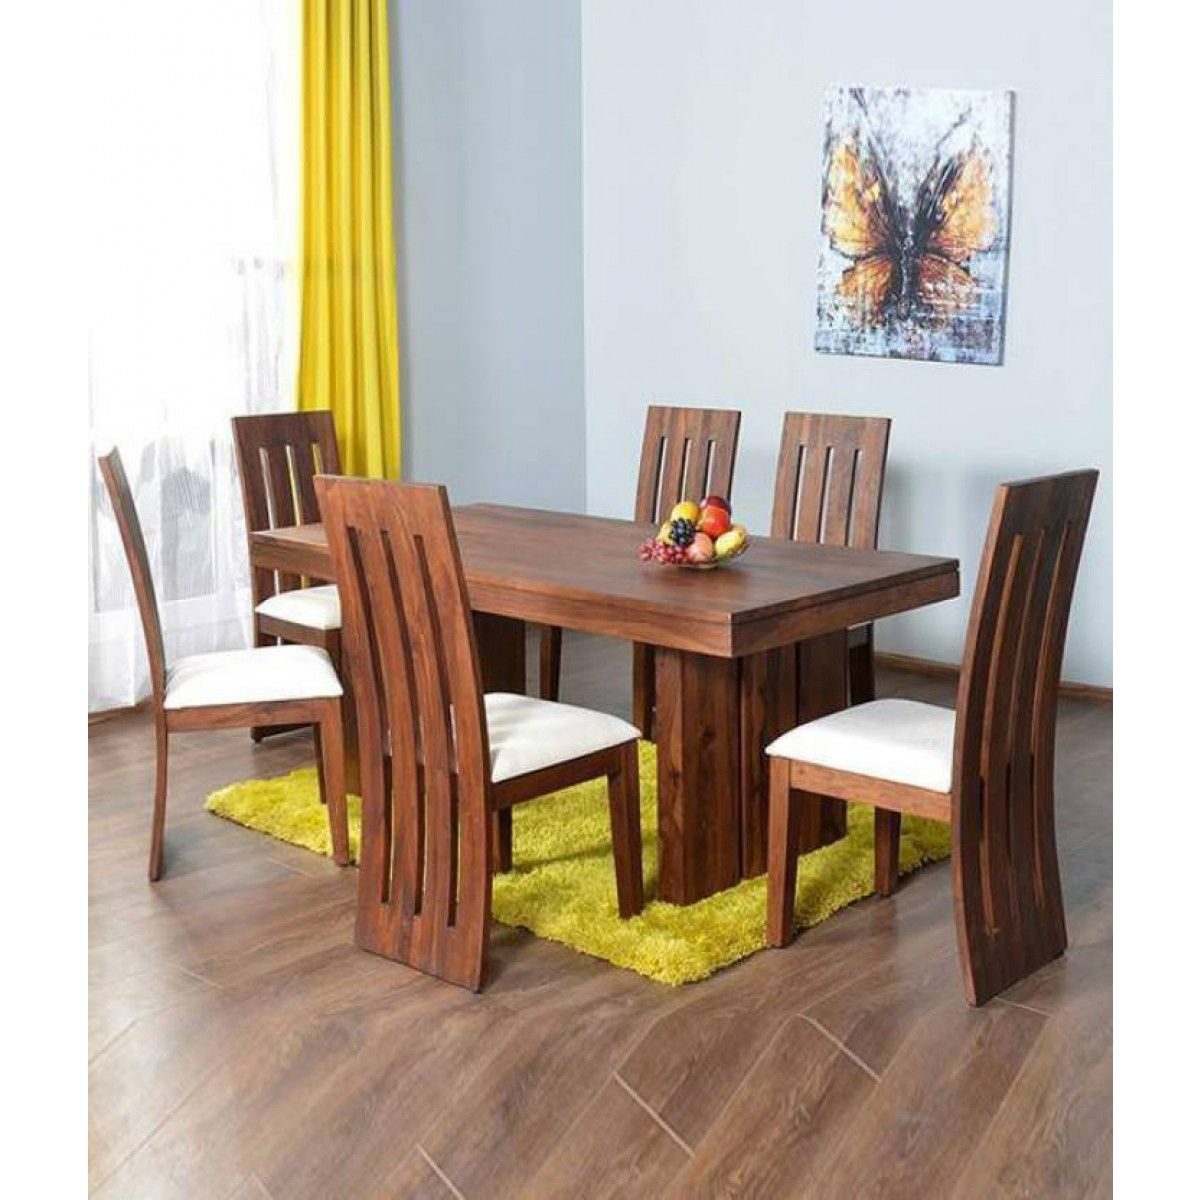 Gorevizon Hard Wooden Dining Table Set Finish Color Honey Wooden Dining Table Set Wooden Dining Table Designs Dining Table Design Modern